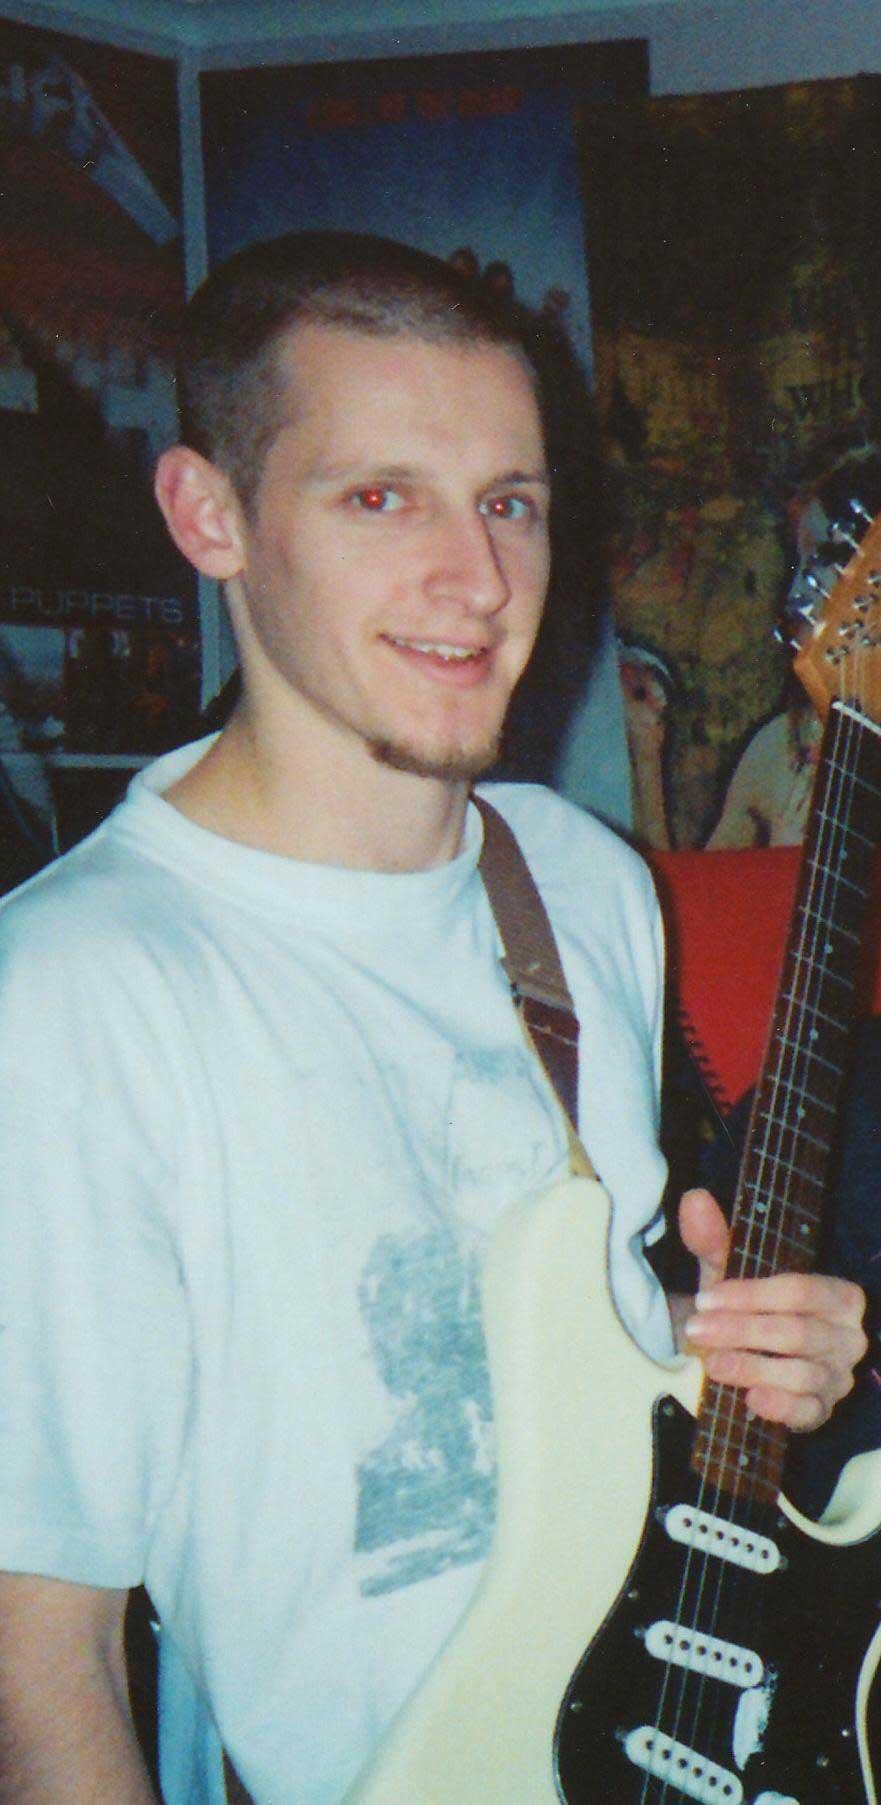 Jarrod Hackman